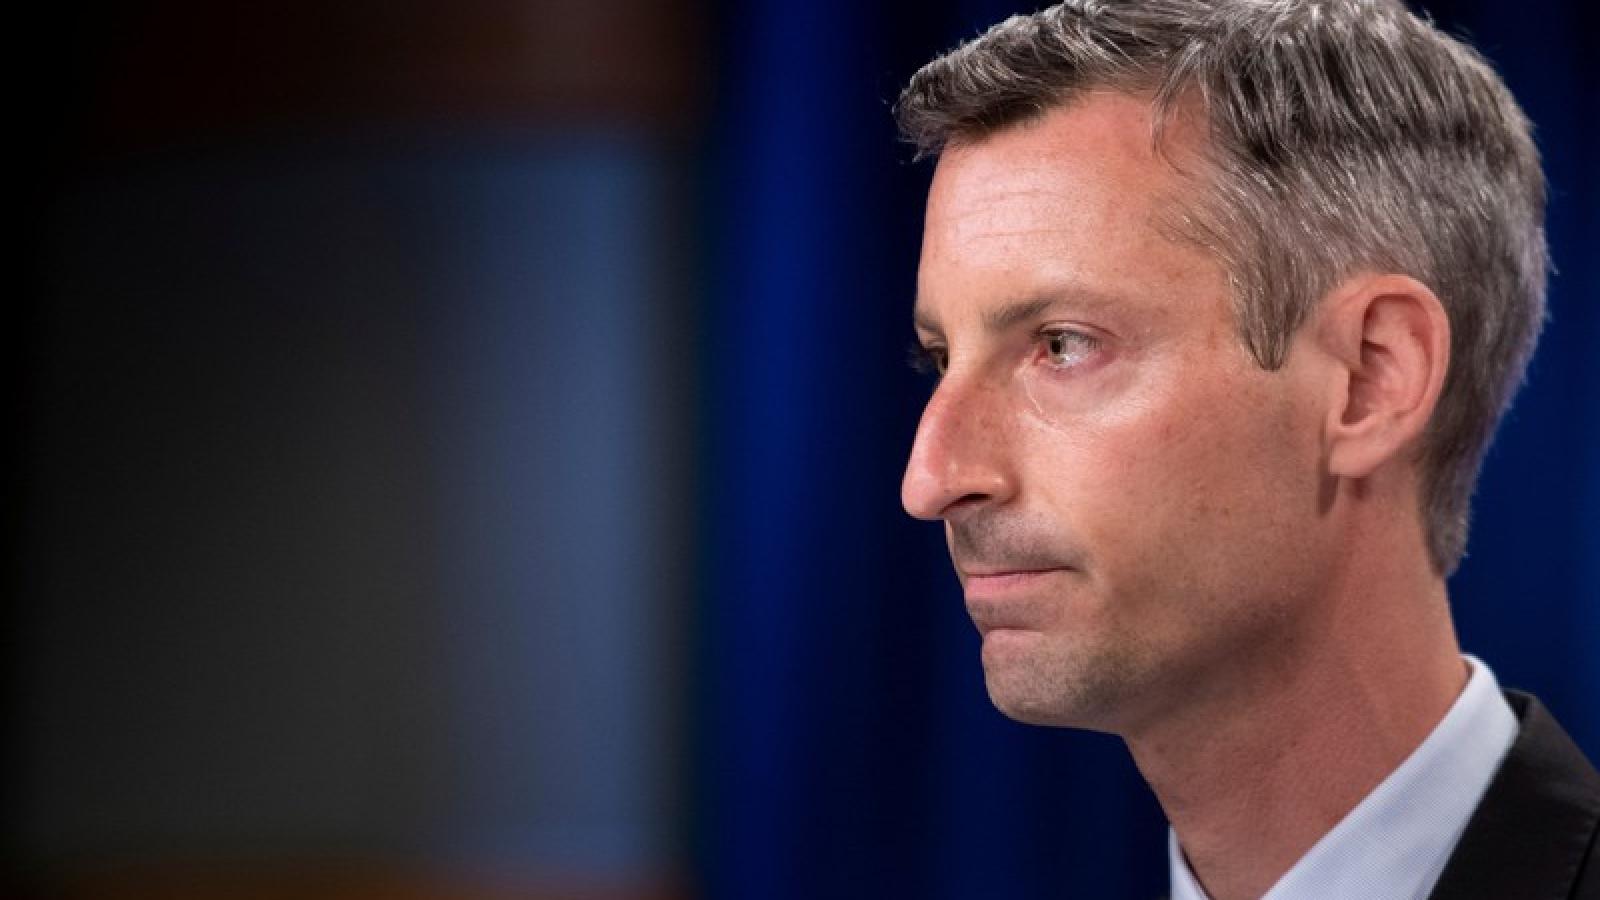 Mỹ lấy làm tiếc về quyết định triệu hồi đại sứ của Pháp